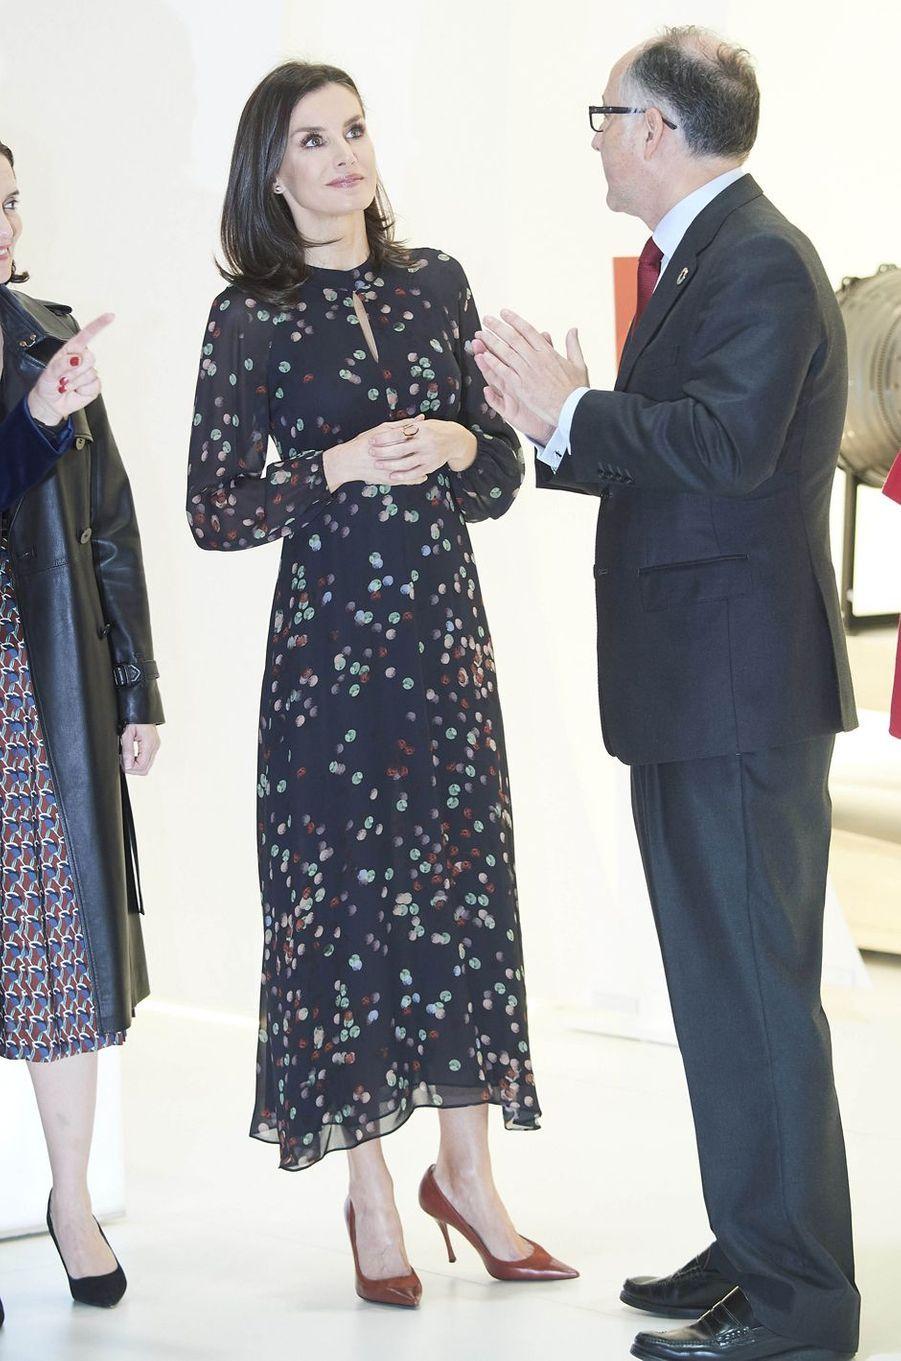 La reine Letizia d'Espagne, dans une robe Massimo Dutti, à Madrid le 22 janvier 2020